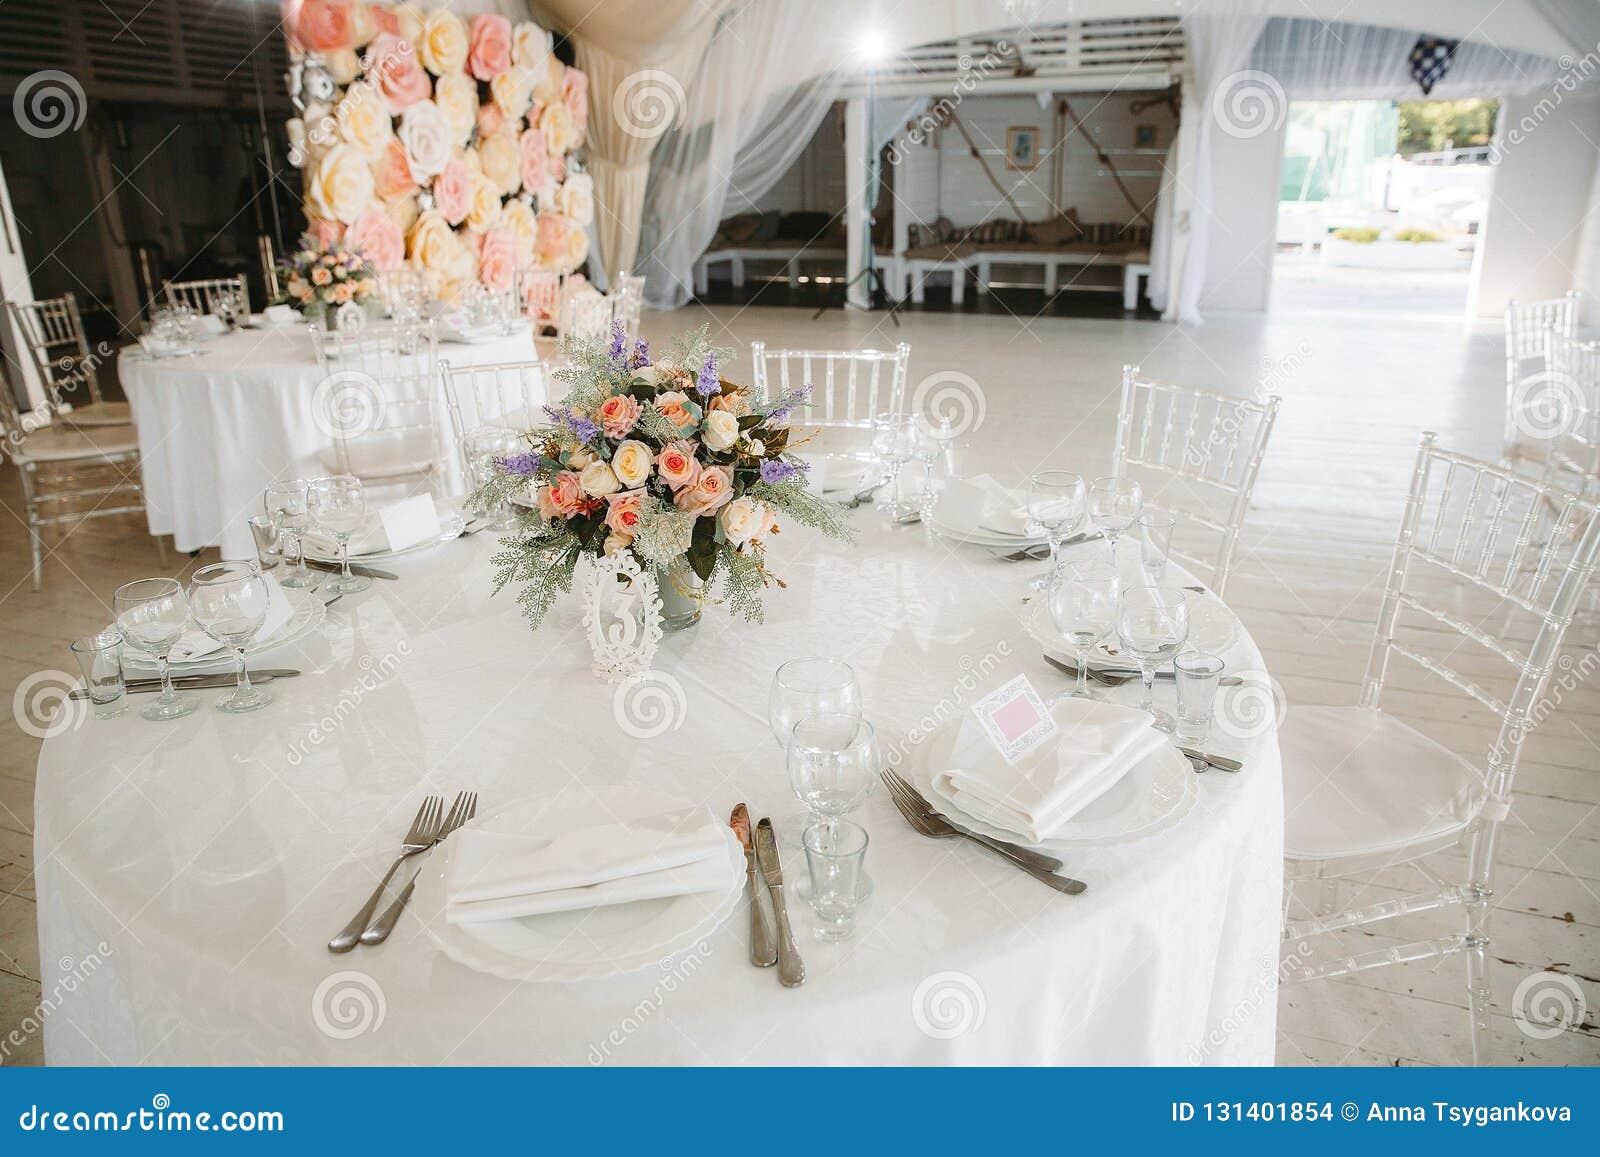 Markttent voor de viering van het huwelijk Mooi wit binnenland